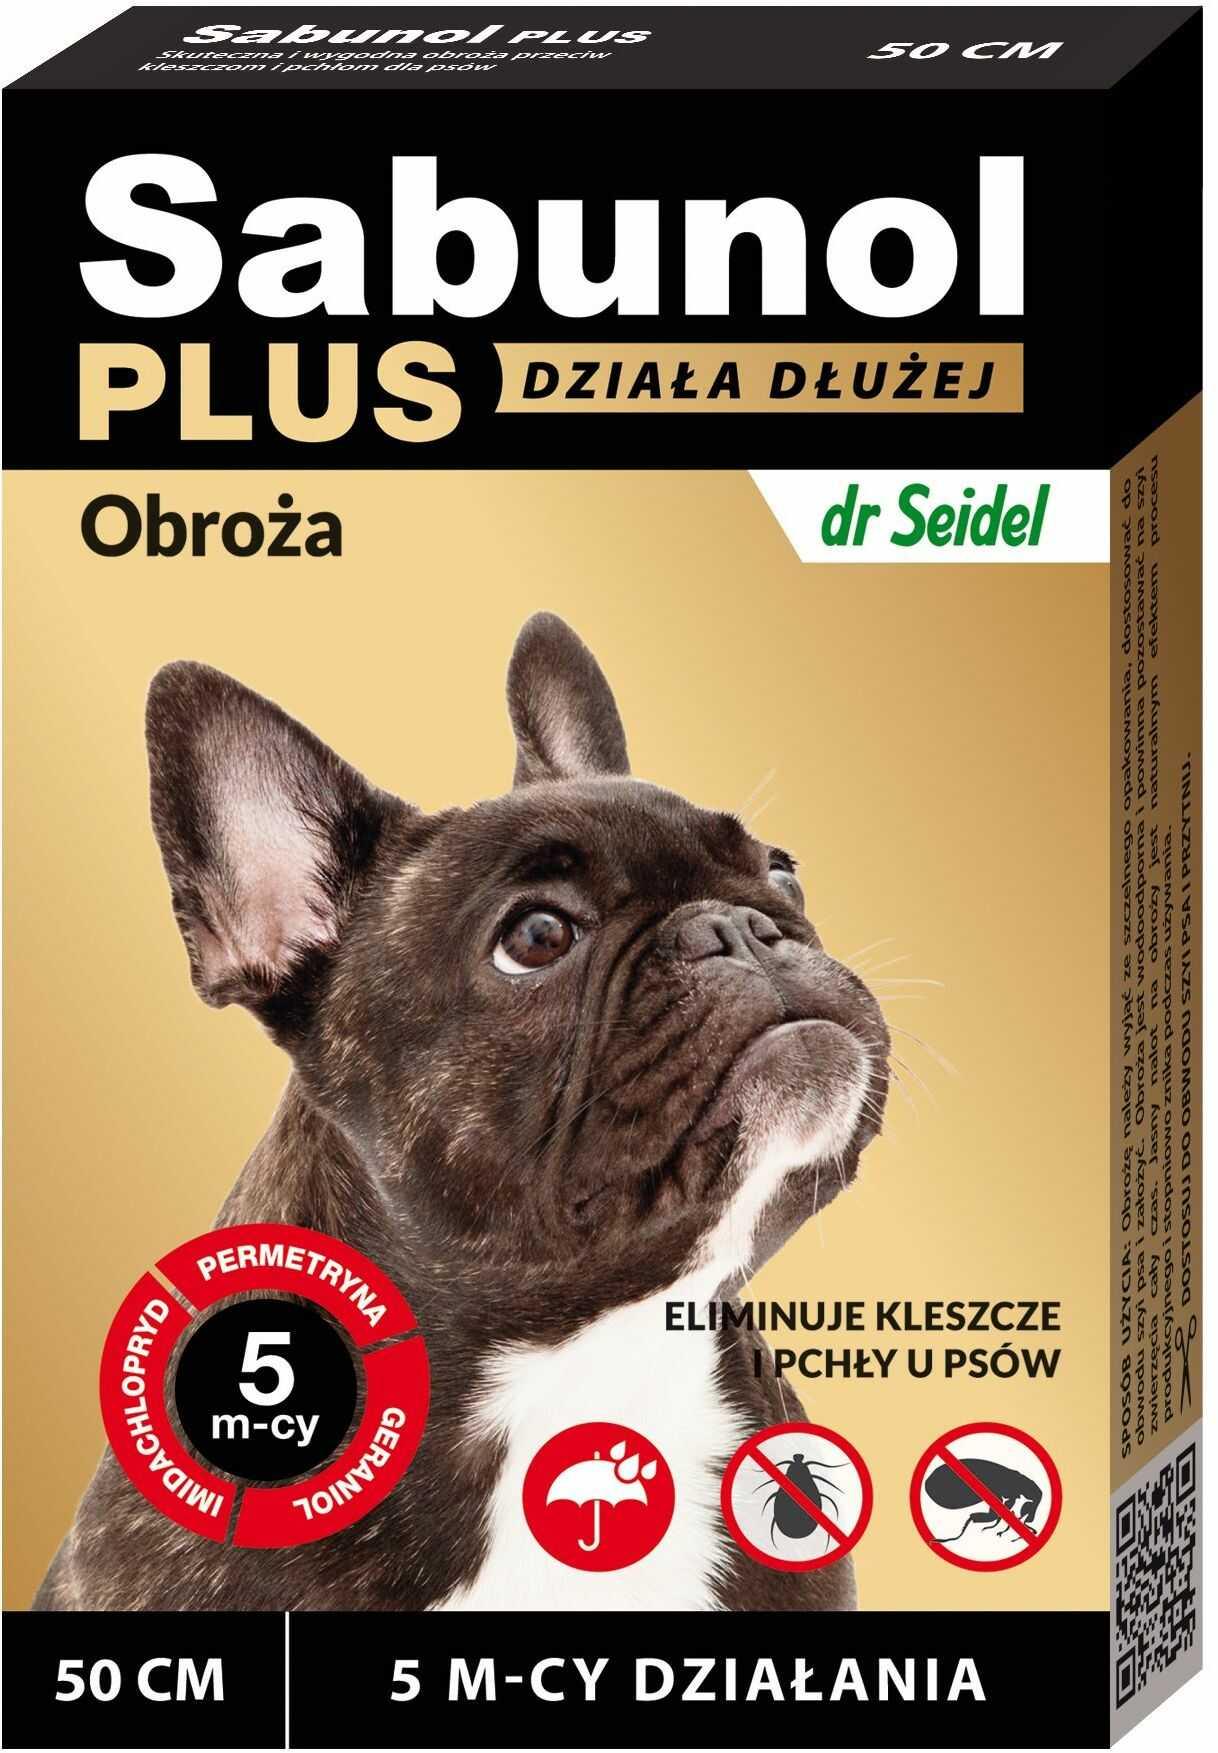 Sabunol Plus obroża przeciw kleszczom i pchłom dla psa 50 cm